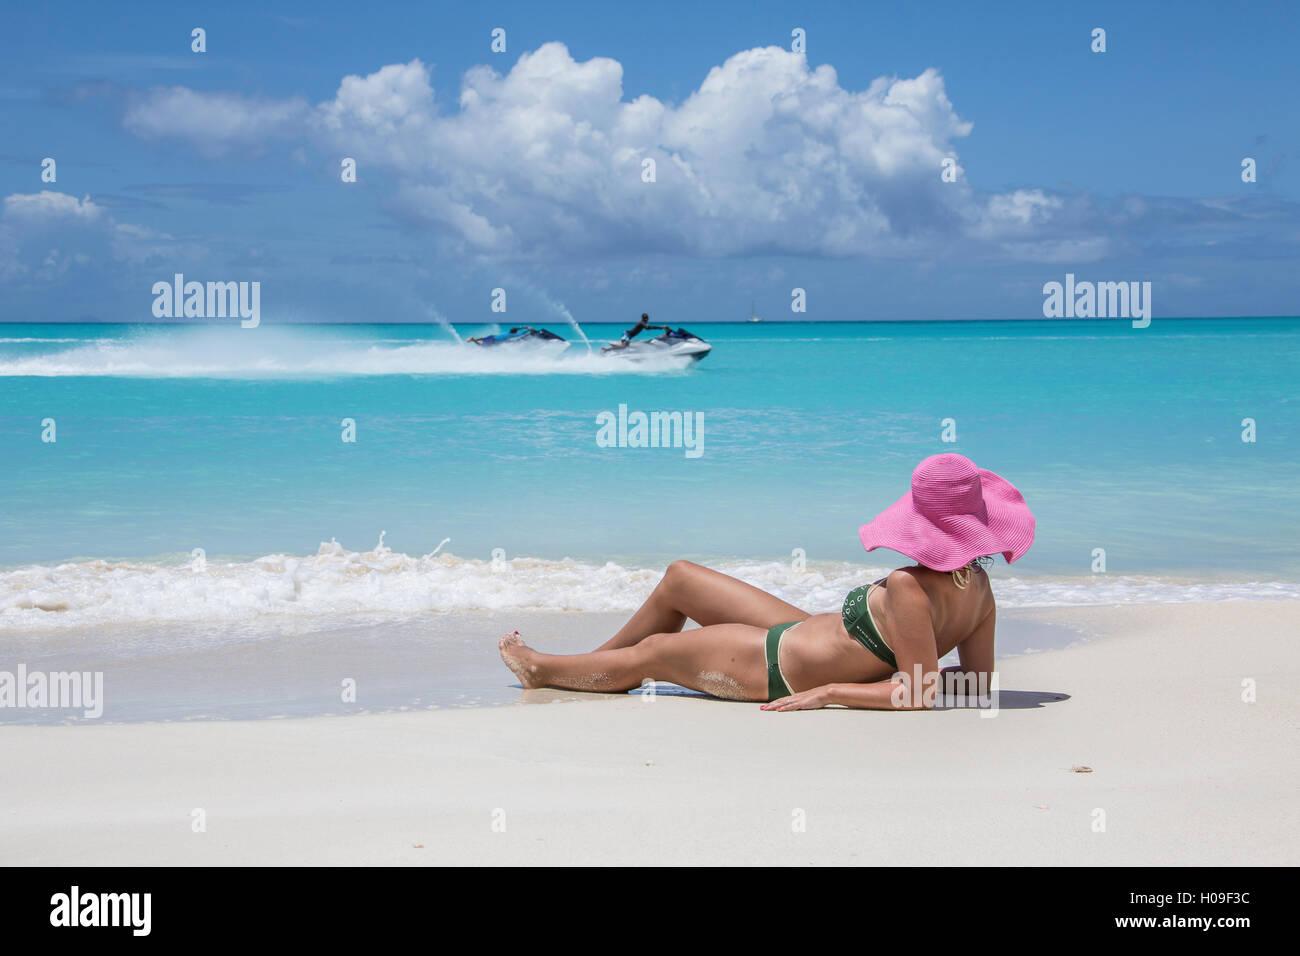 Turista admira las aguas azul turquesa del Mar Caribe, Jolly Beach, Antigua, Antigua y Barbuda, Islas de Sotavento, Imagen De Stock